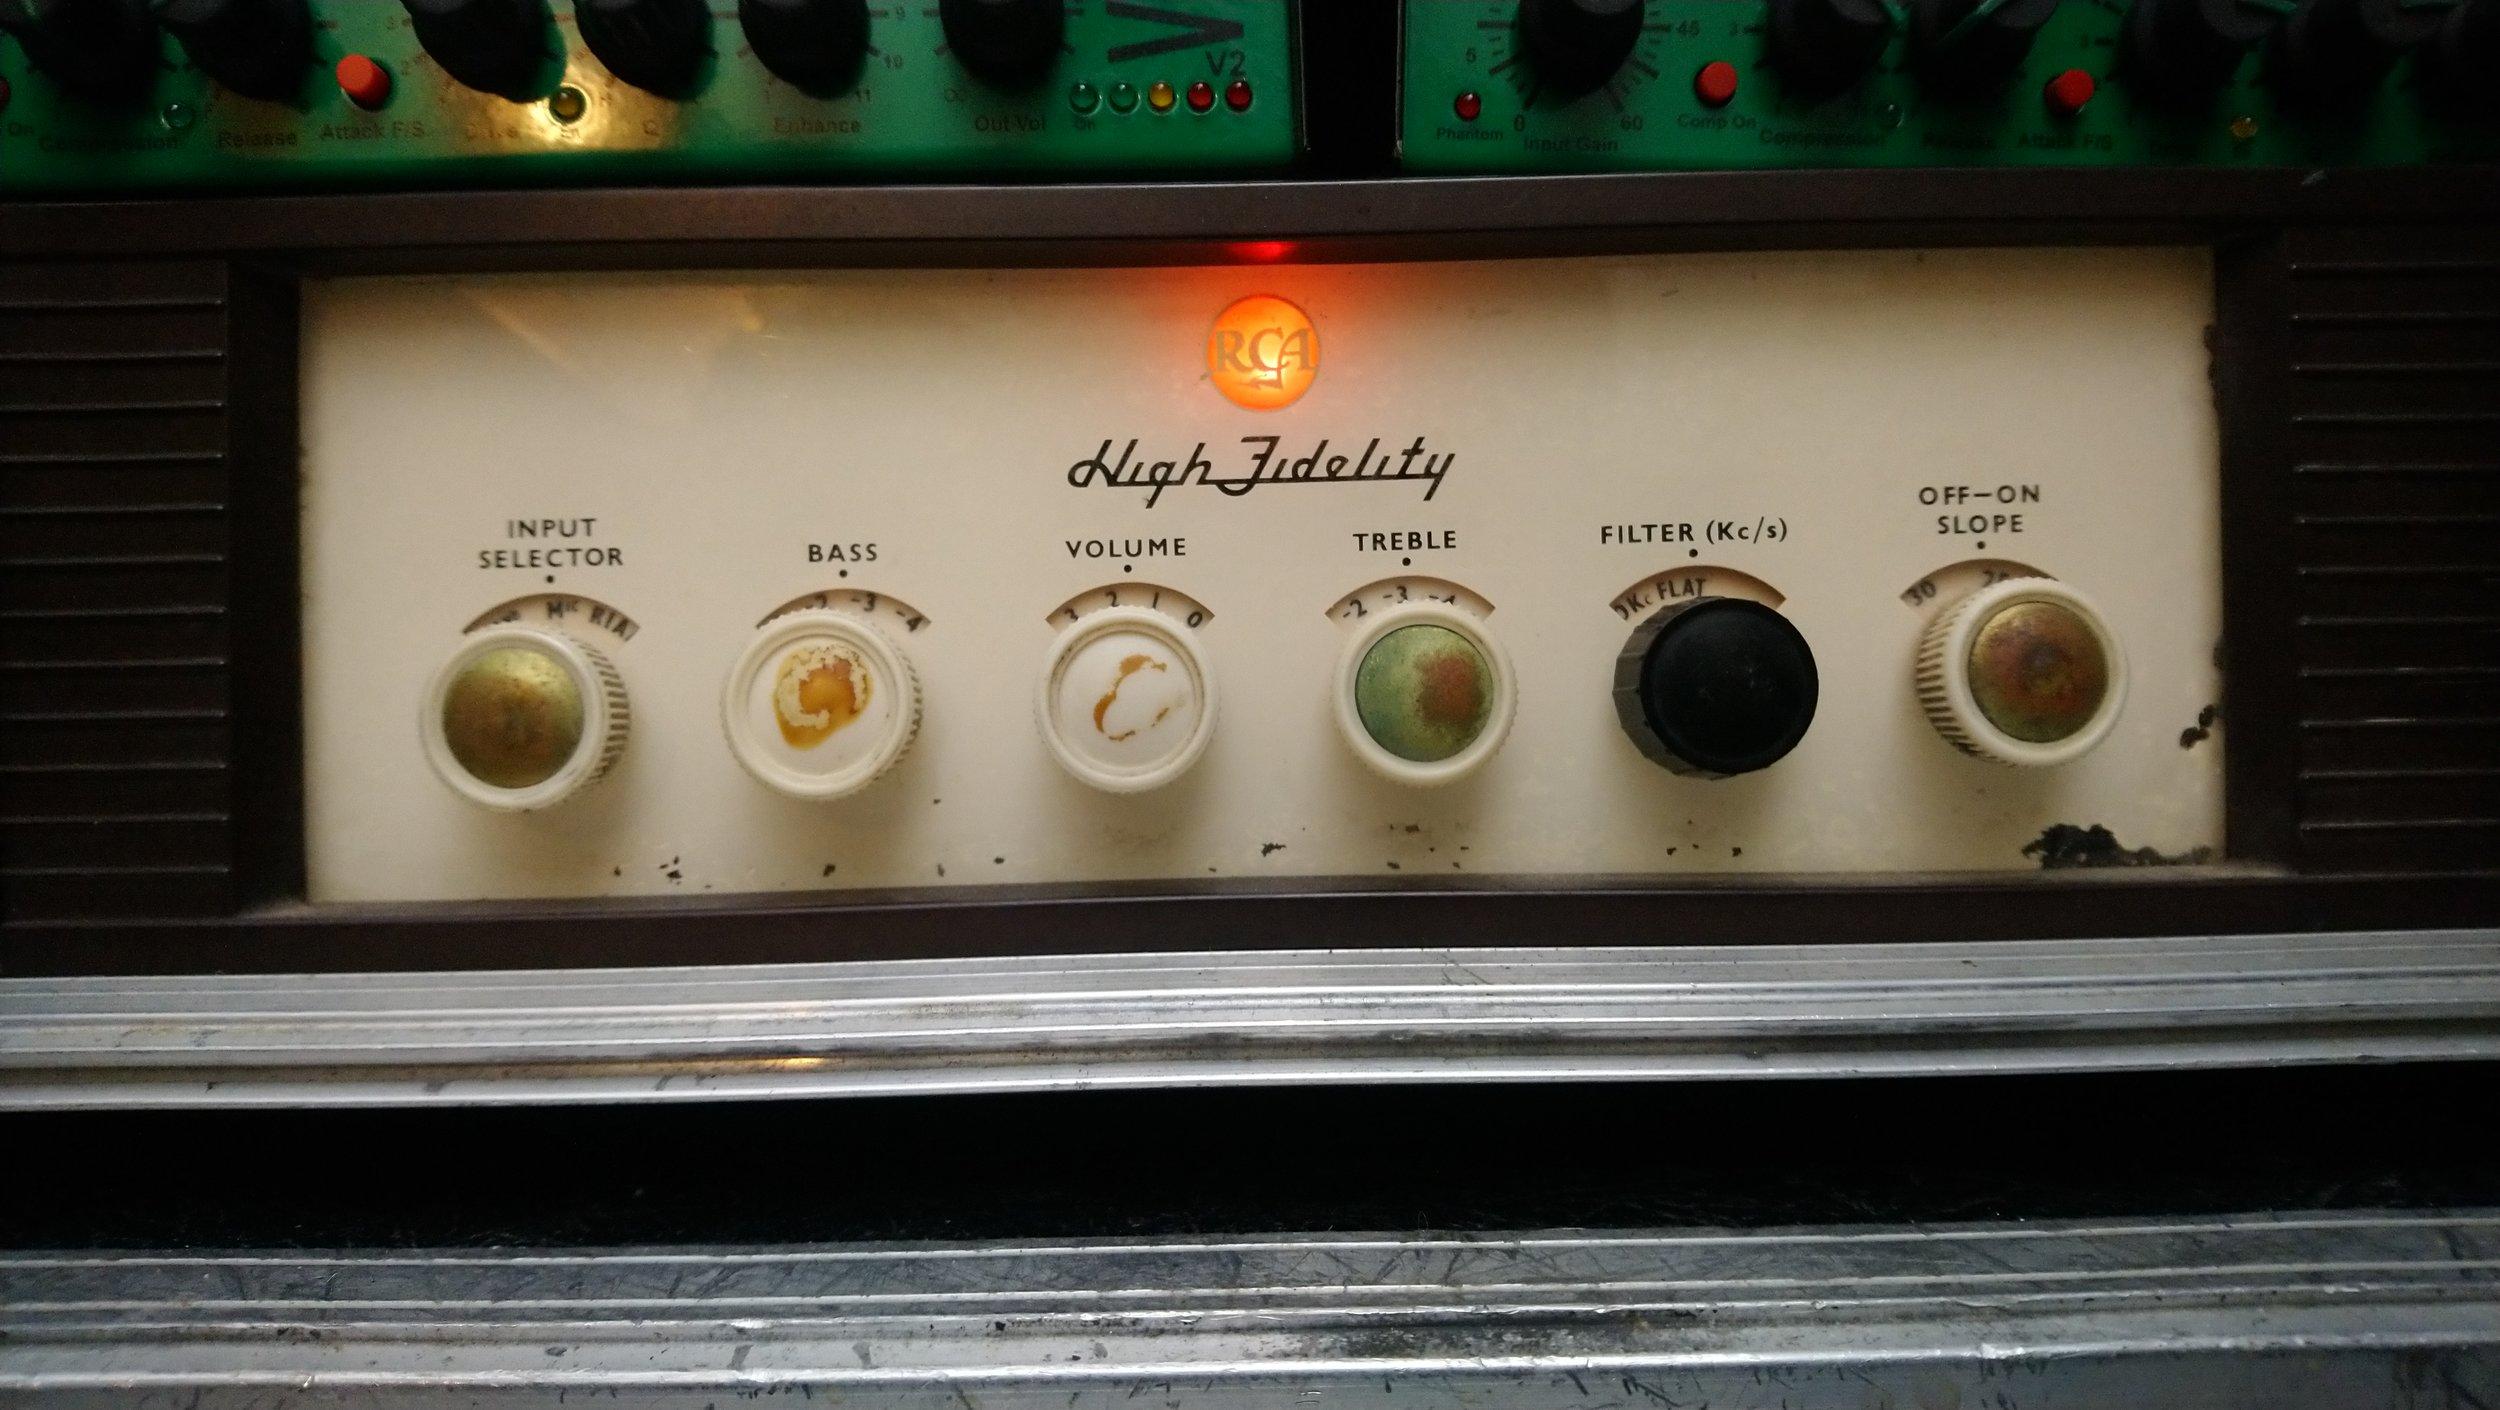 RCA Orthophonic Preamp LMI 32215 - AKA Joe Meek's 'Cooker'